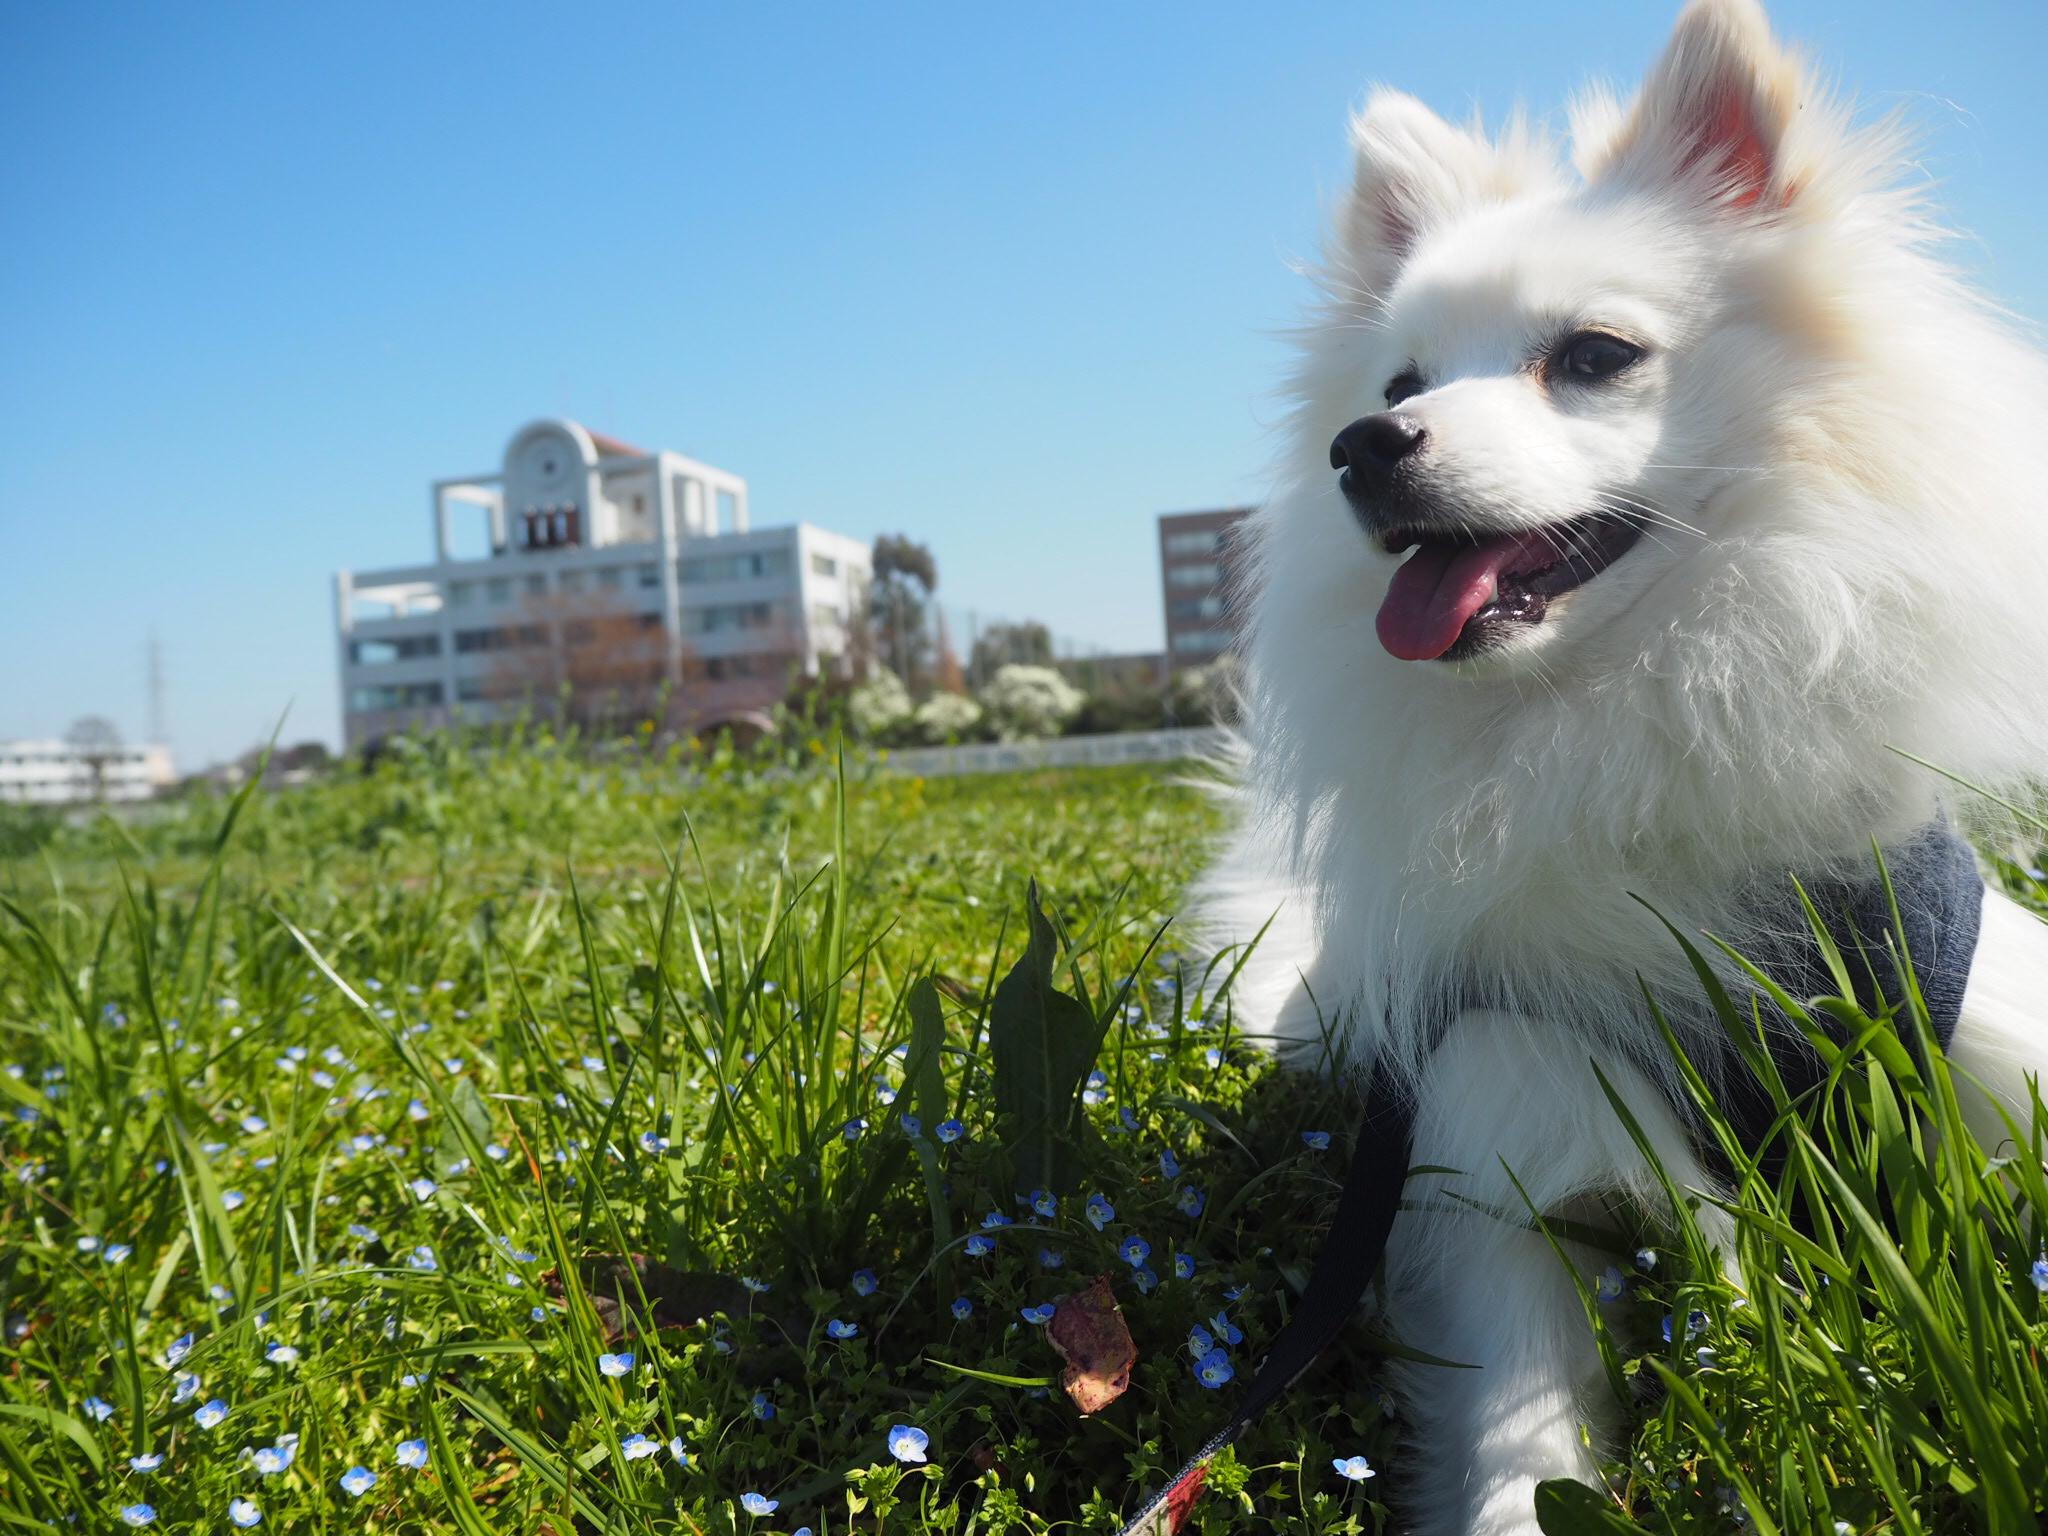 GW(ゴールデンウィーク)に愛犬と一緒に旅行に行きたい!飛行機や新幹線って愛犬は乗車できるの?